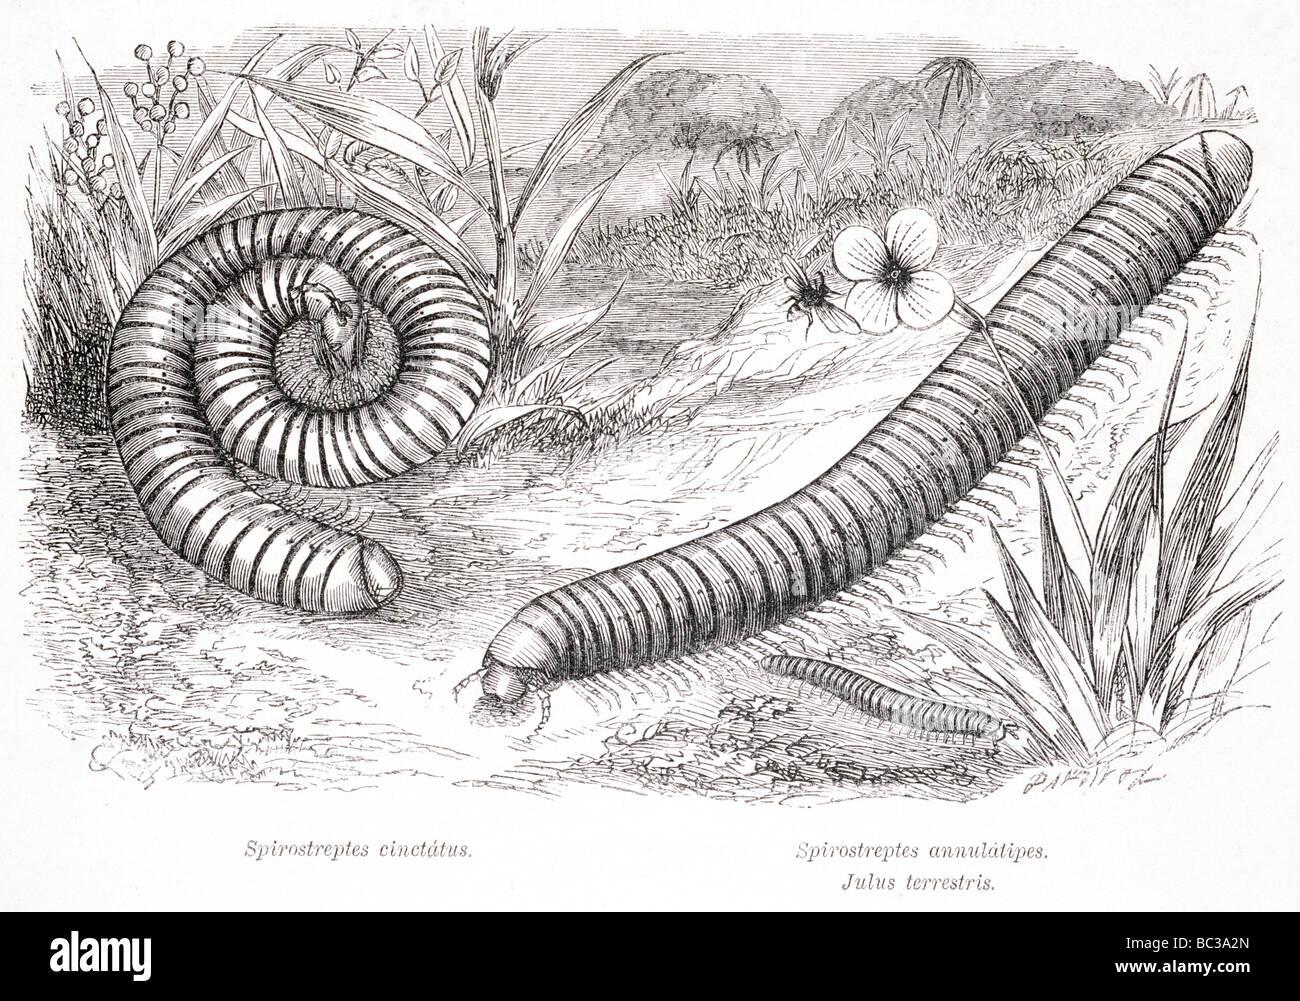 Spirostreptes Cinctatus Spirostreptes Annulatipes Julus terrestris Stockbild